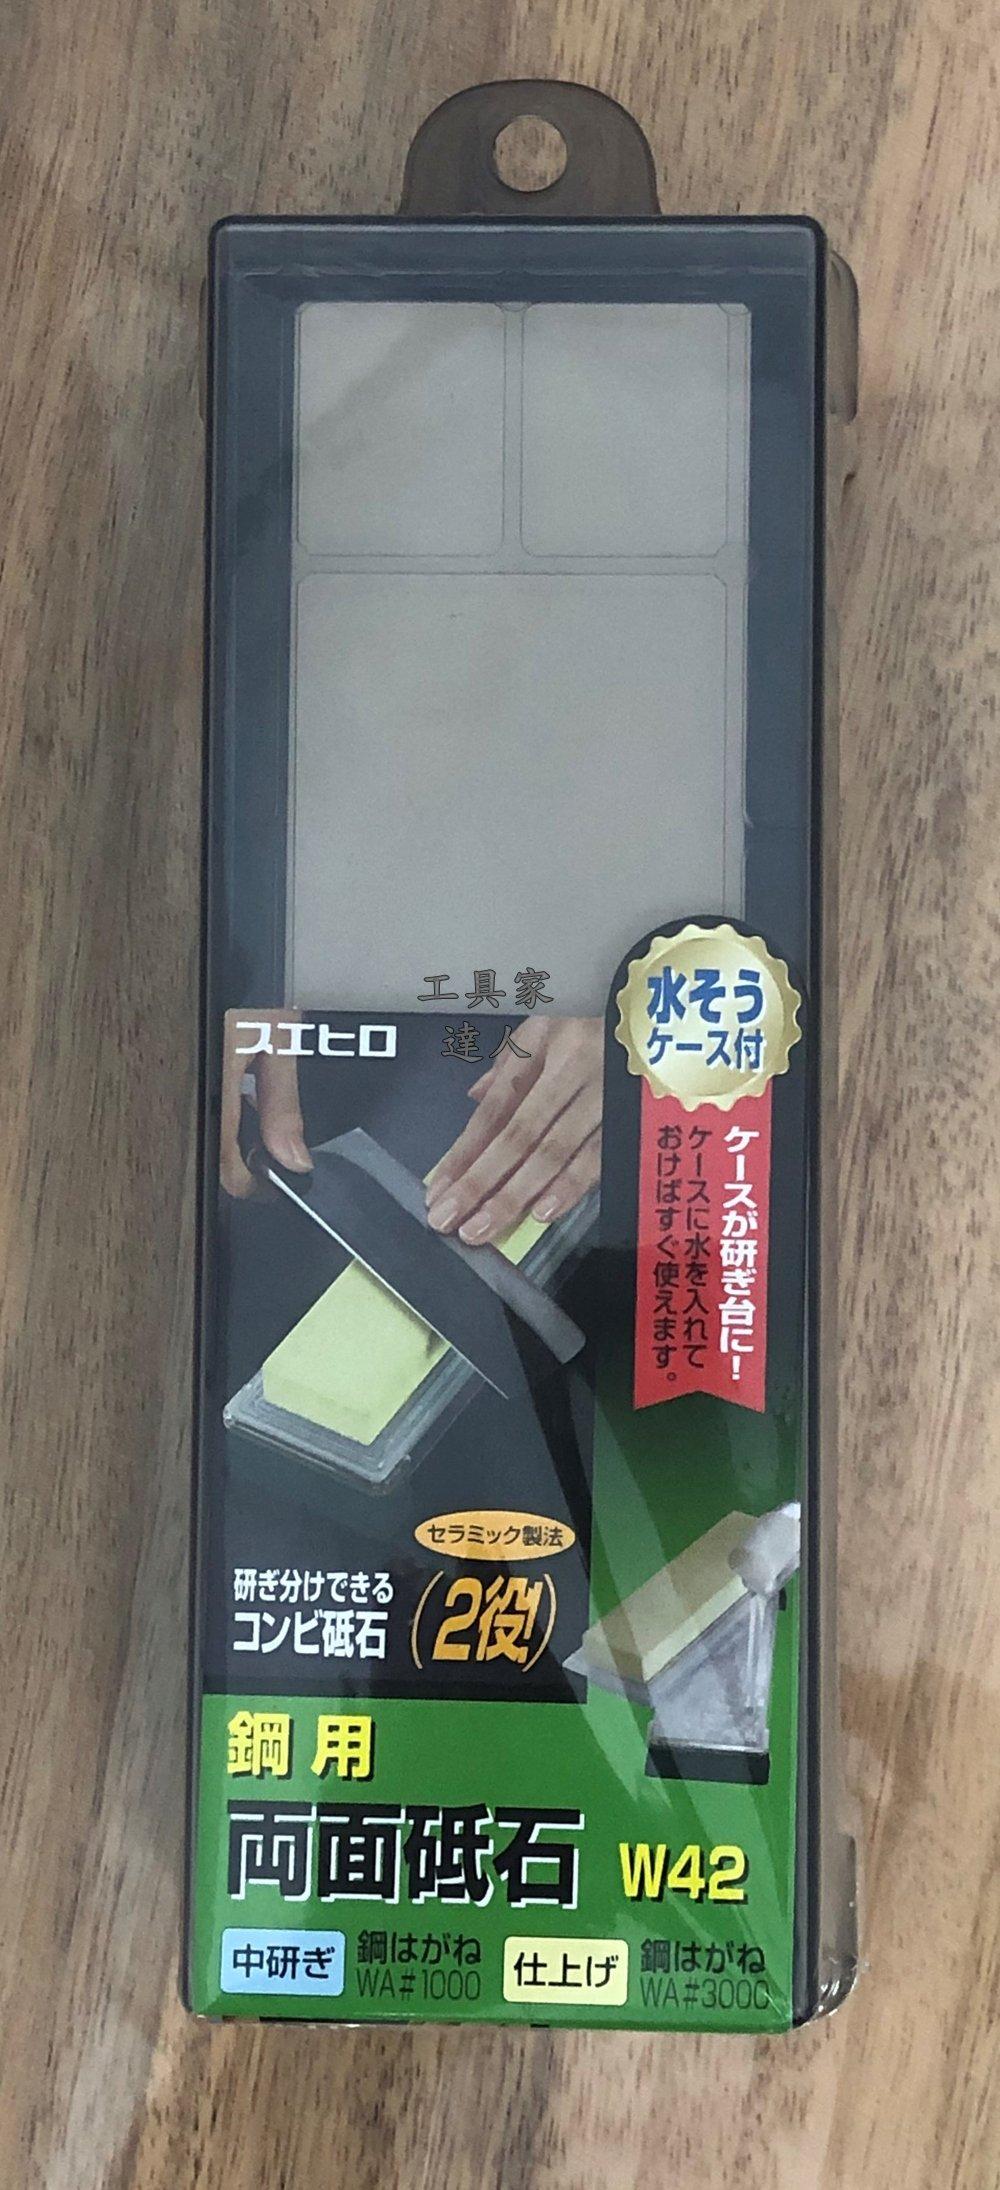 「工具家達人」日本製 末廣 W42 磨刀石 雙面磨刀石 #1000/#3000 陶瓷窄厚款非 CR-3800